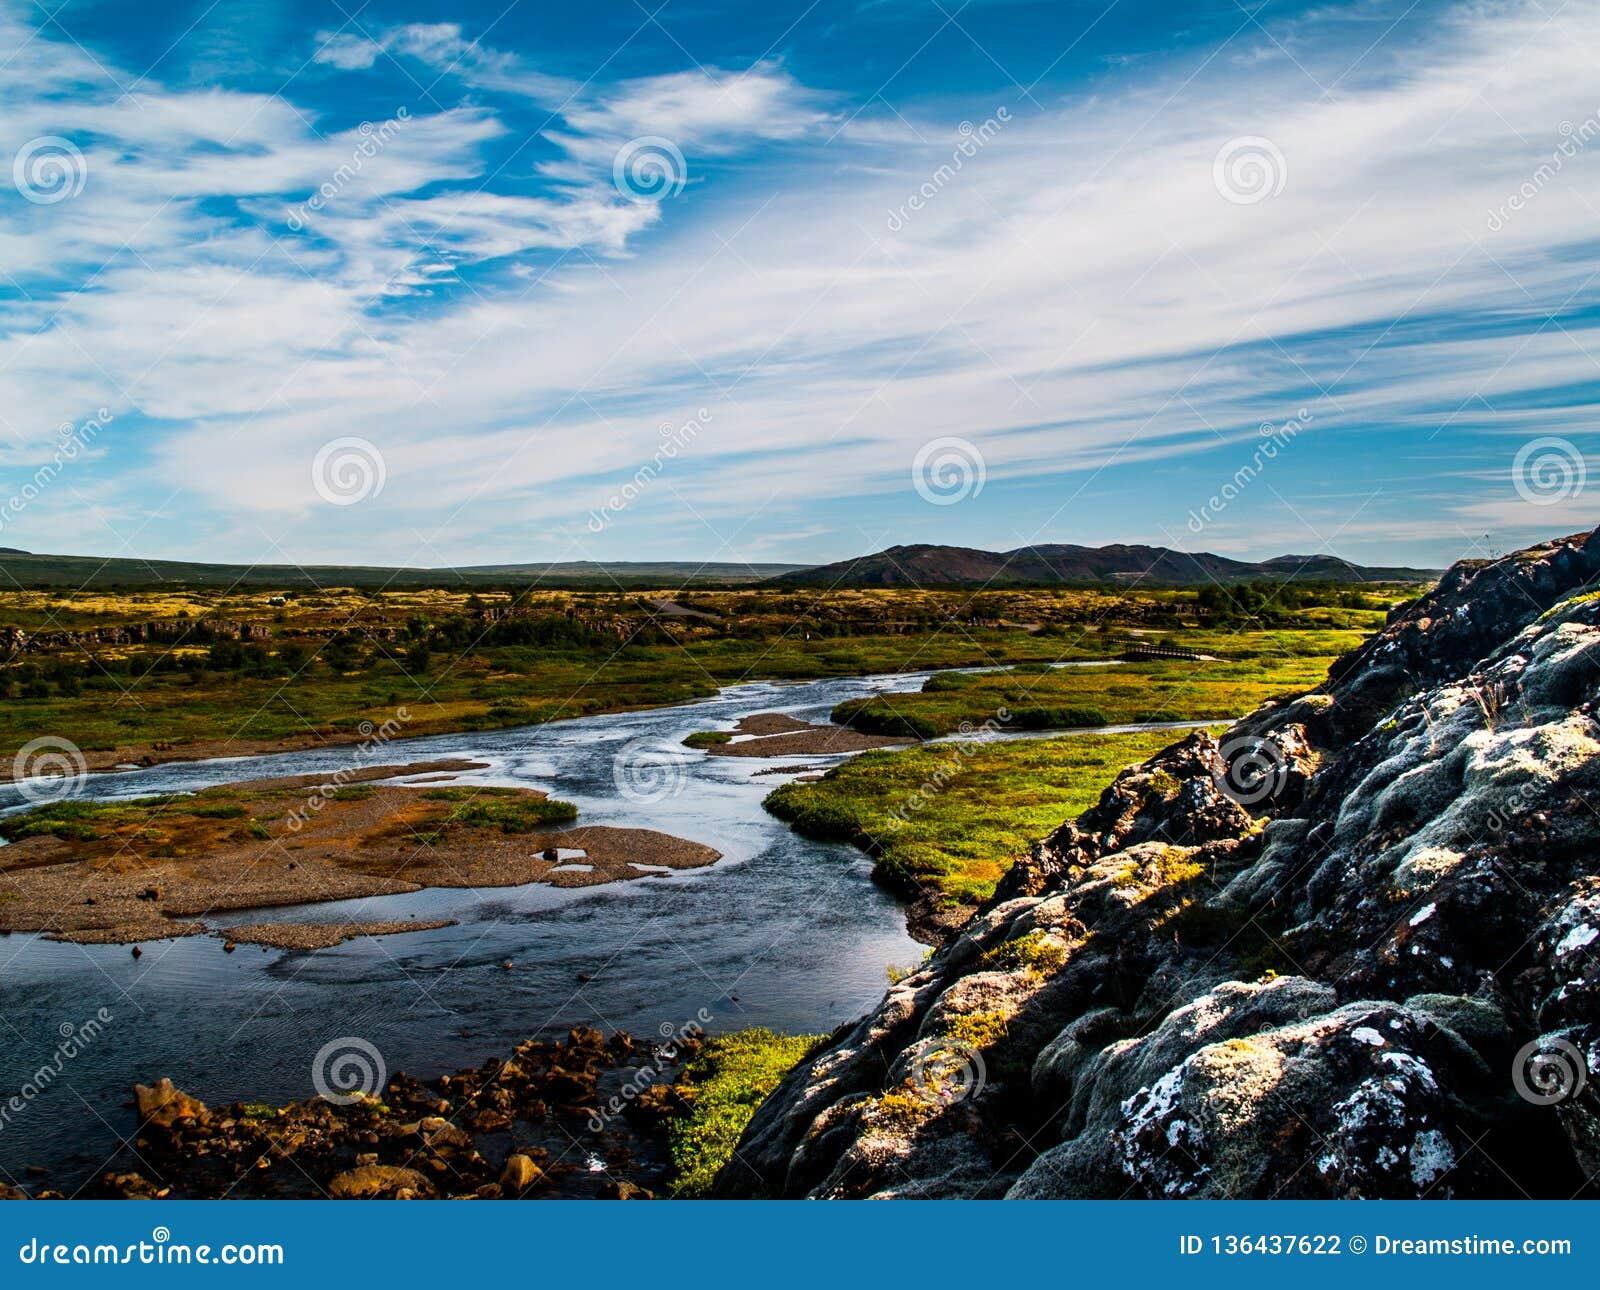 Krajobraz z rzekami, niebieskie niebo z chmurami, zielone rośliny i wzgórza w Iceland,